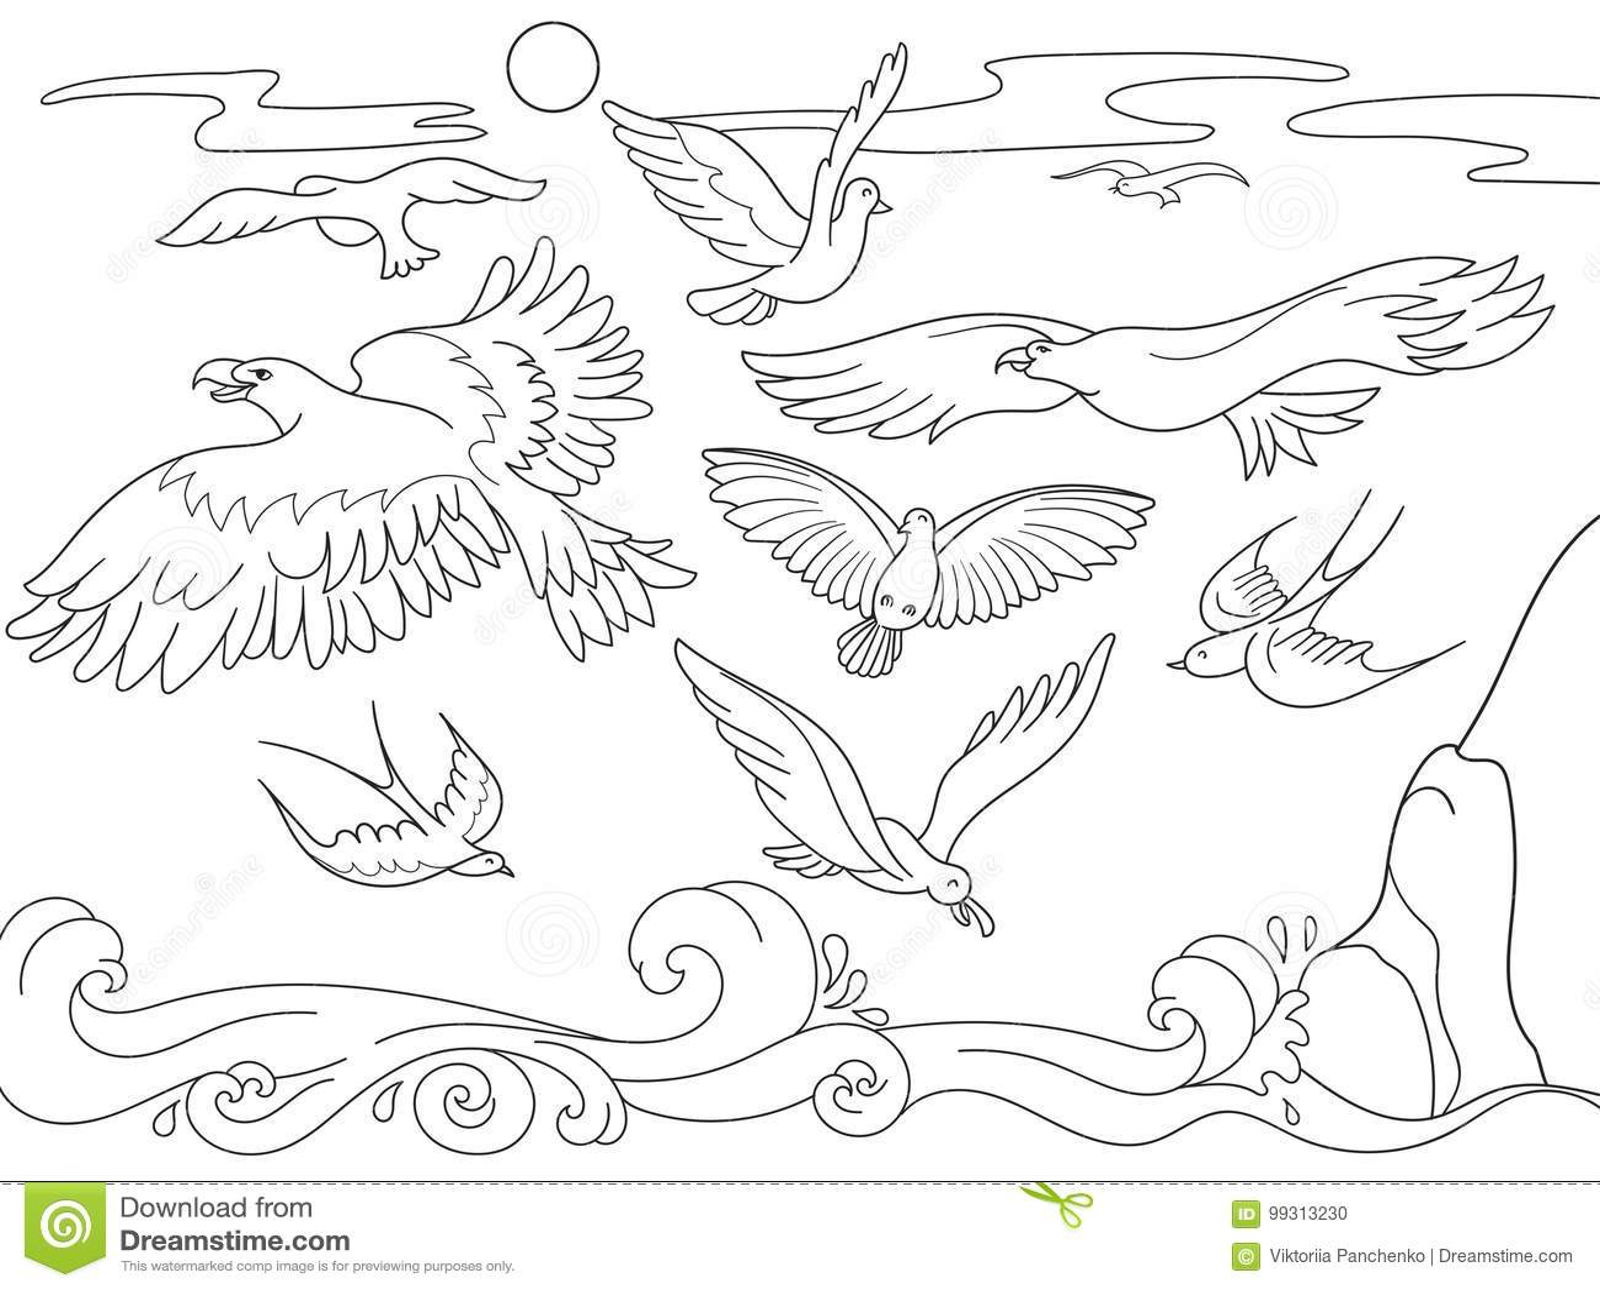 Historieta Del Libro De Colorear Para Los Niños Sobre Los Pájaros De ...